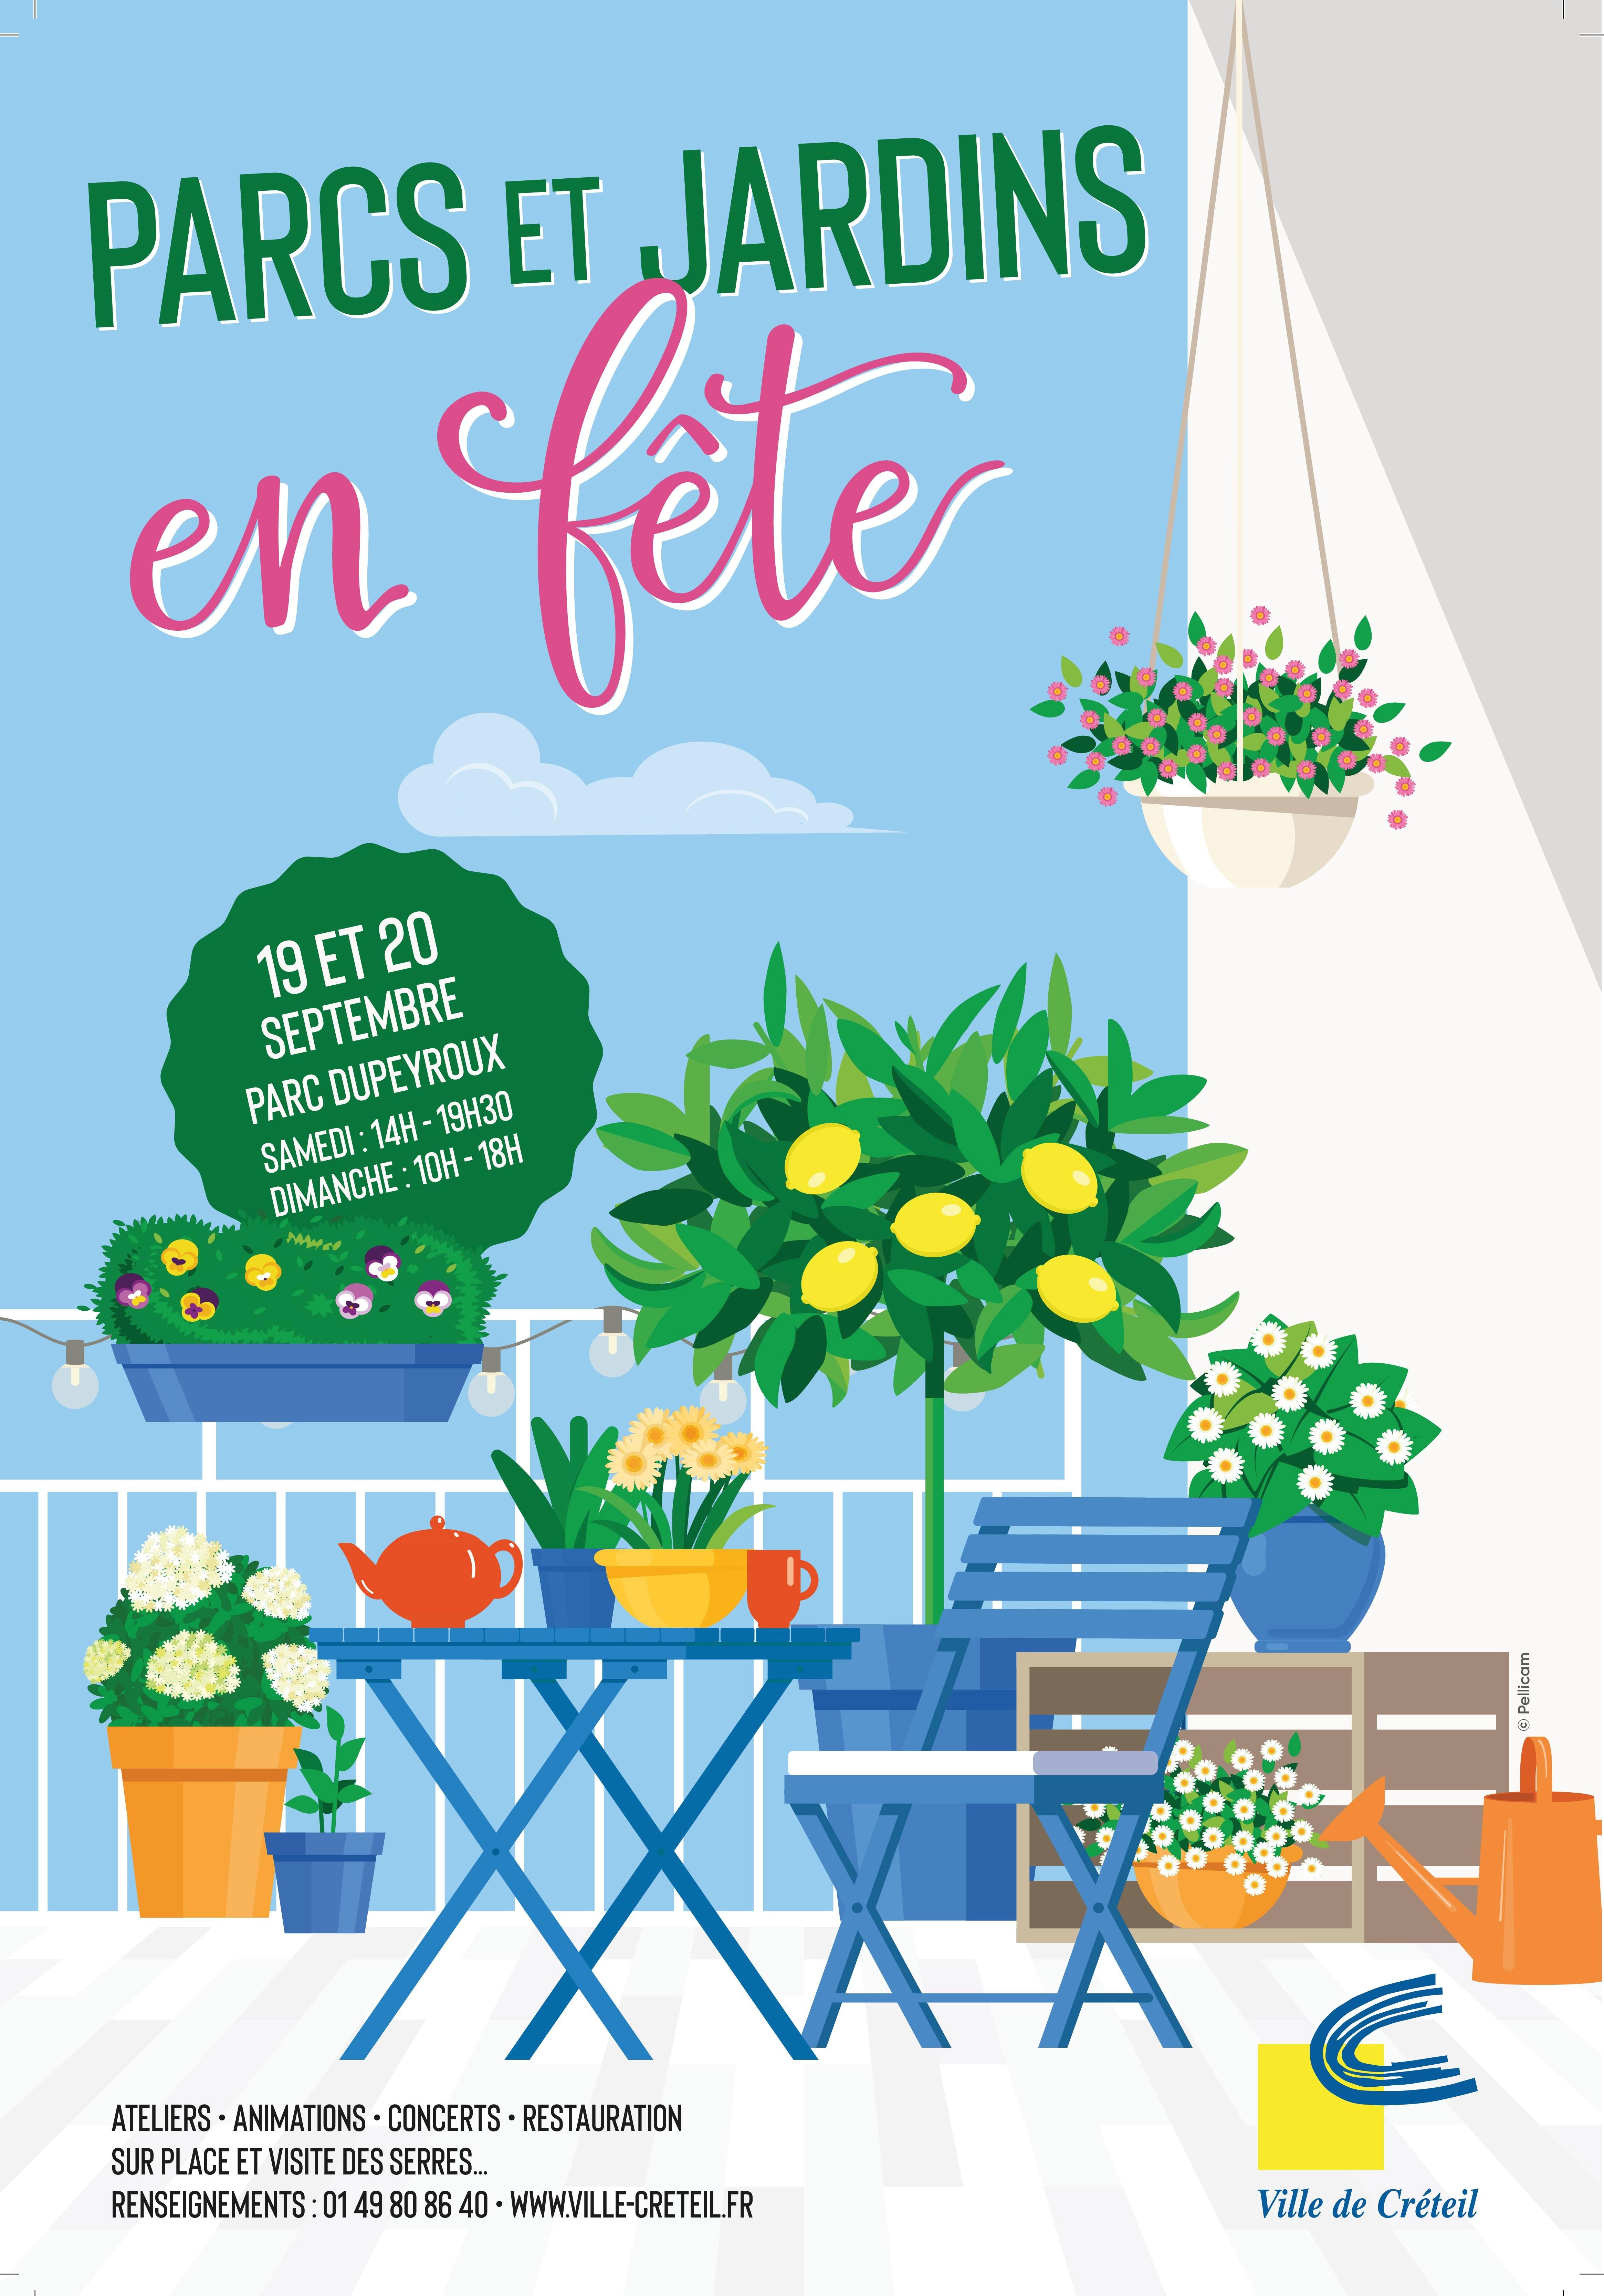 Affiche_Parcs_Jardin_créteil